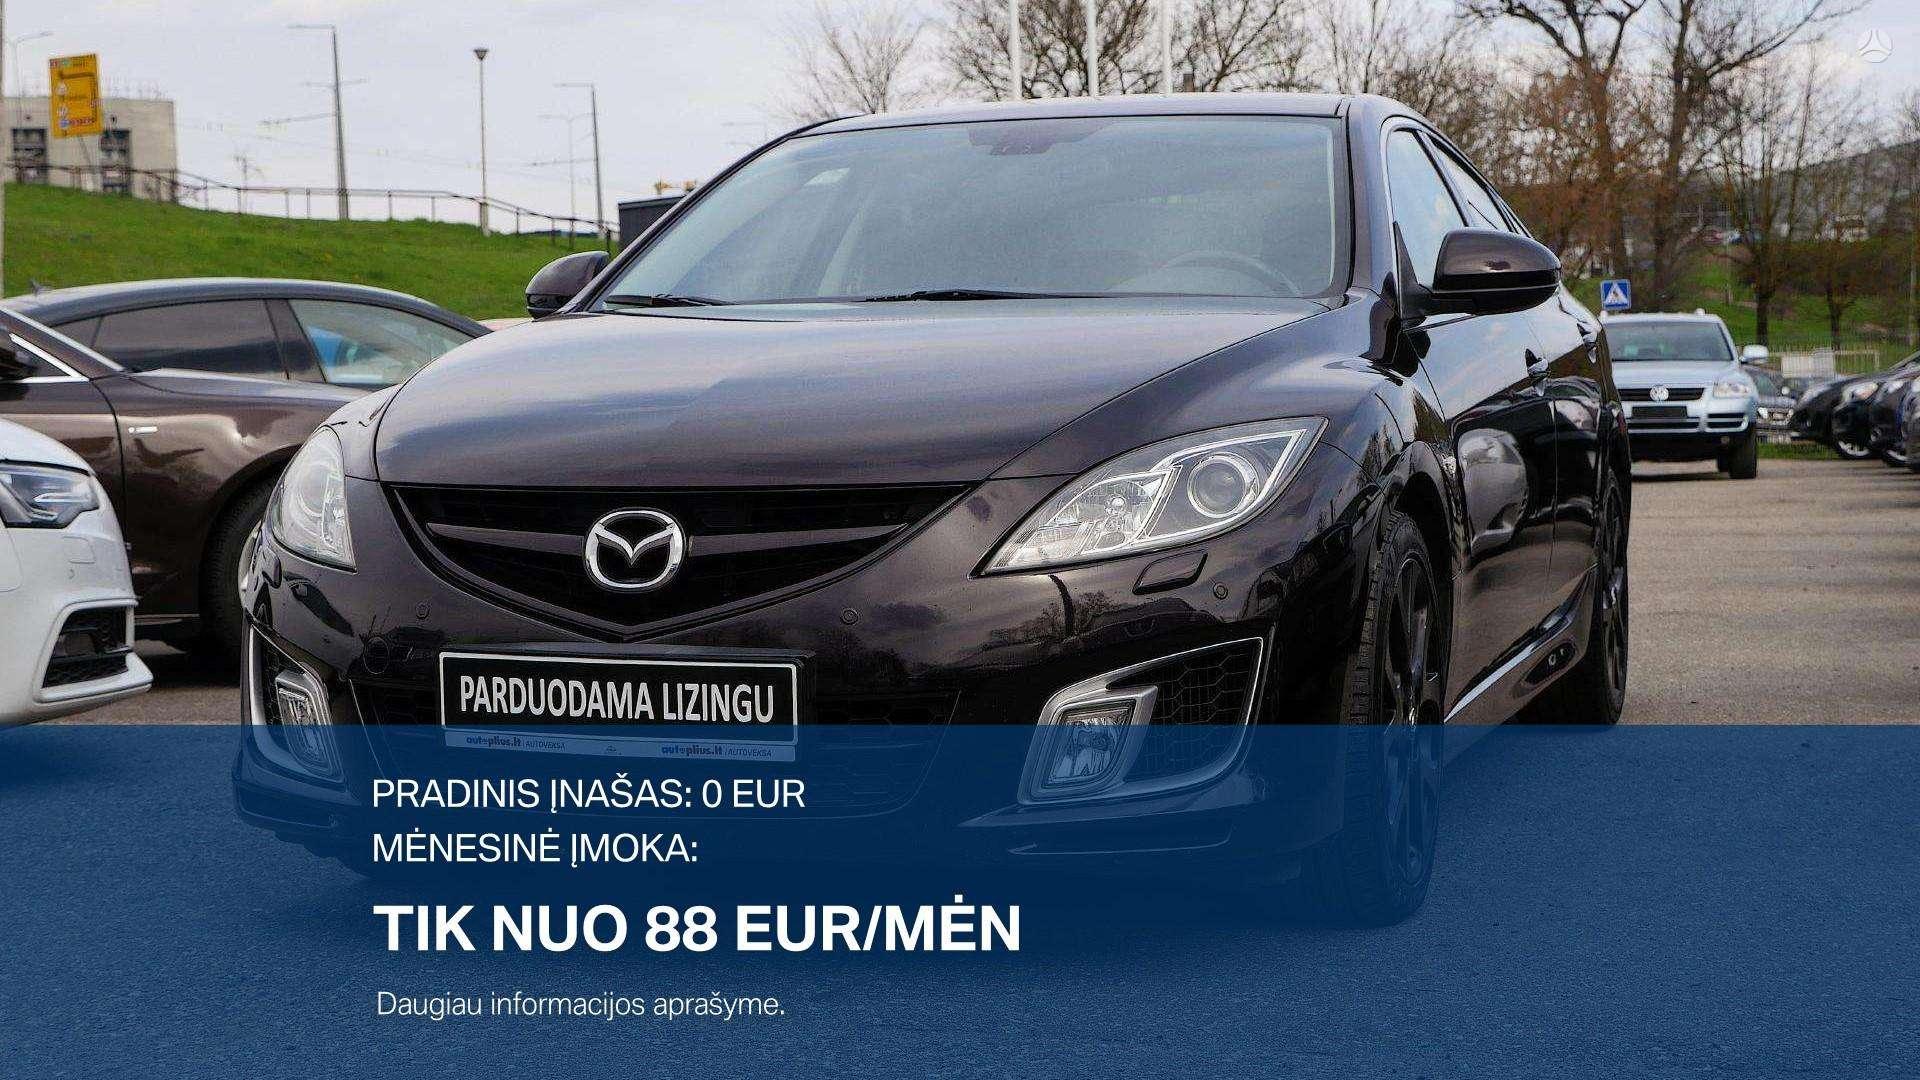 Mazda 6 išsimokėtinai nuo 76 Eur/mėn su 3 mėnesių garantija